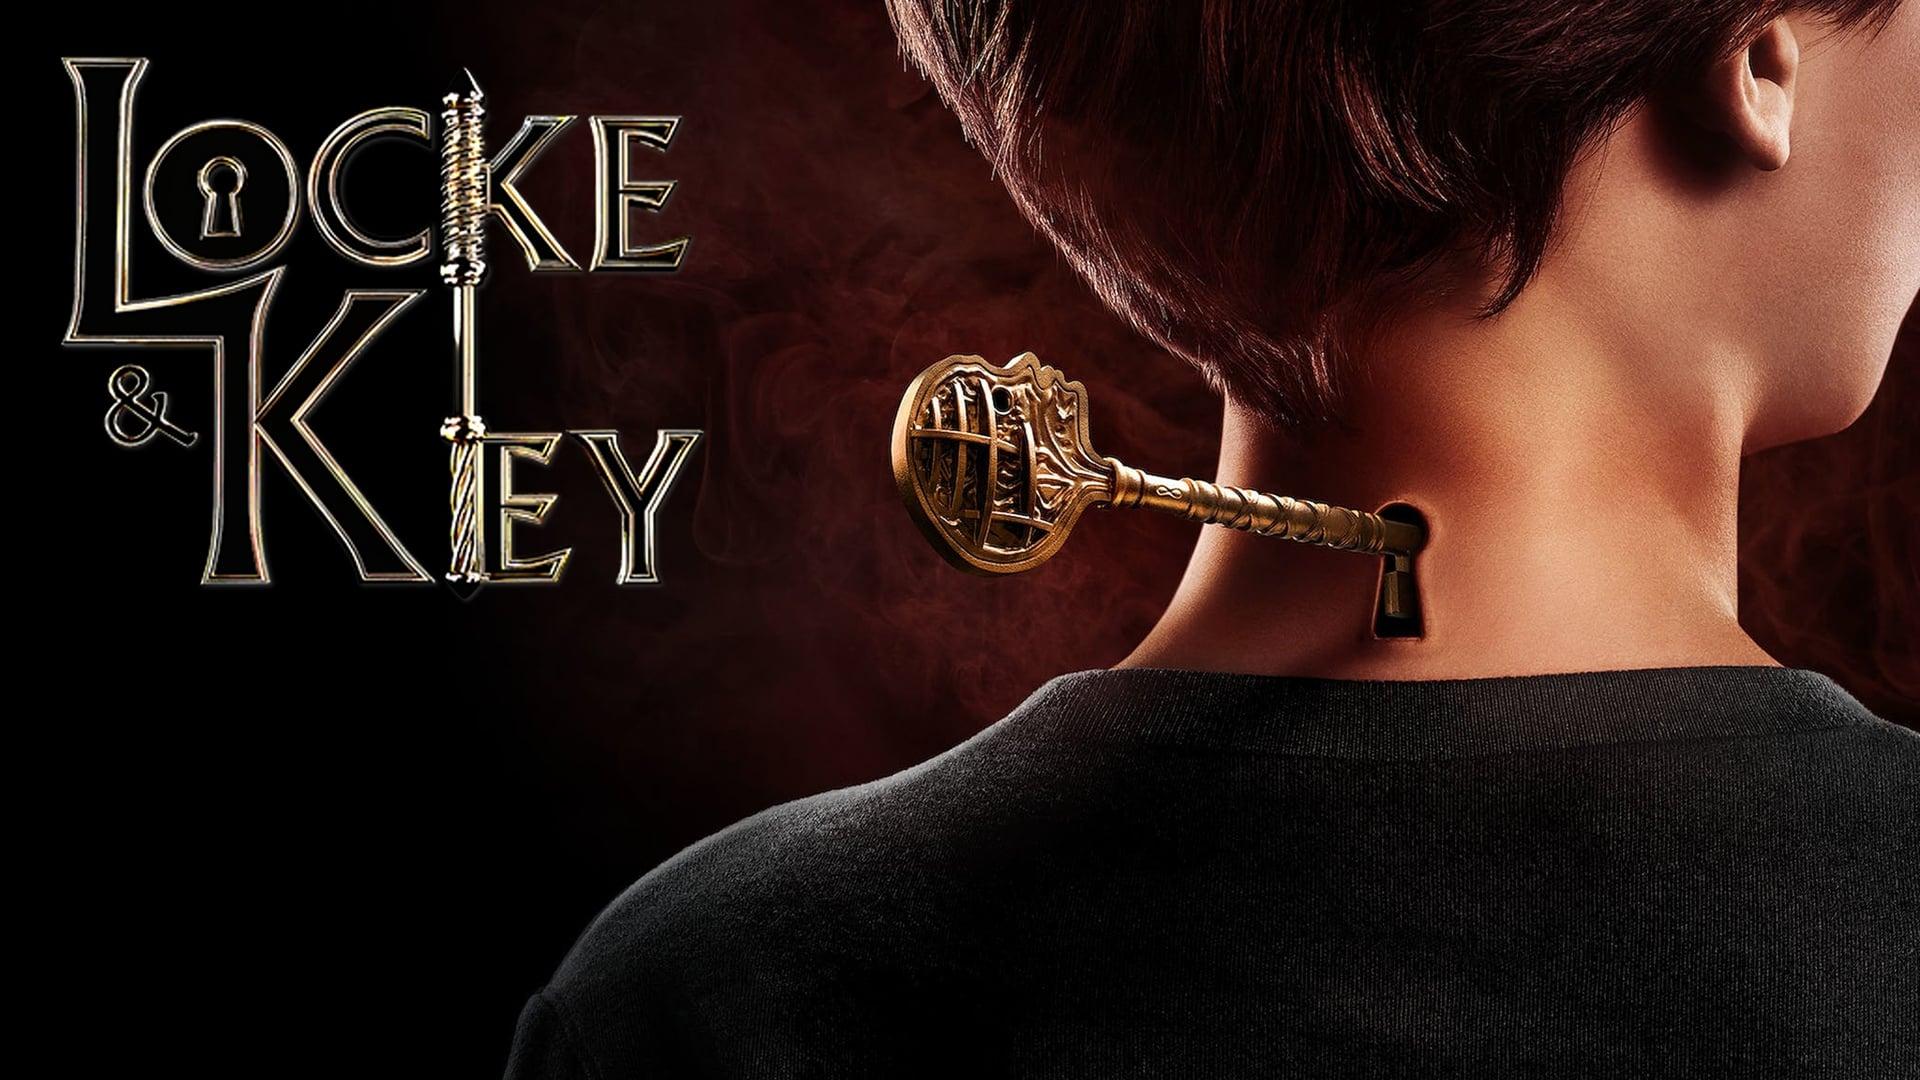 Locke & Key already renewed